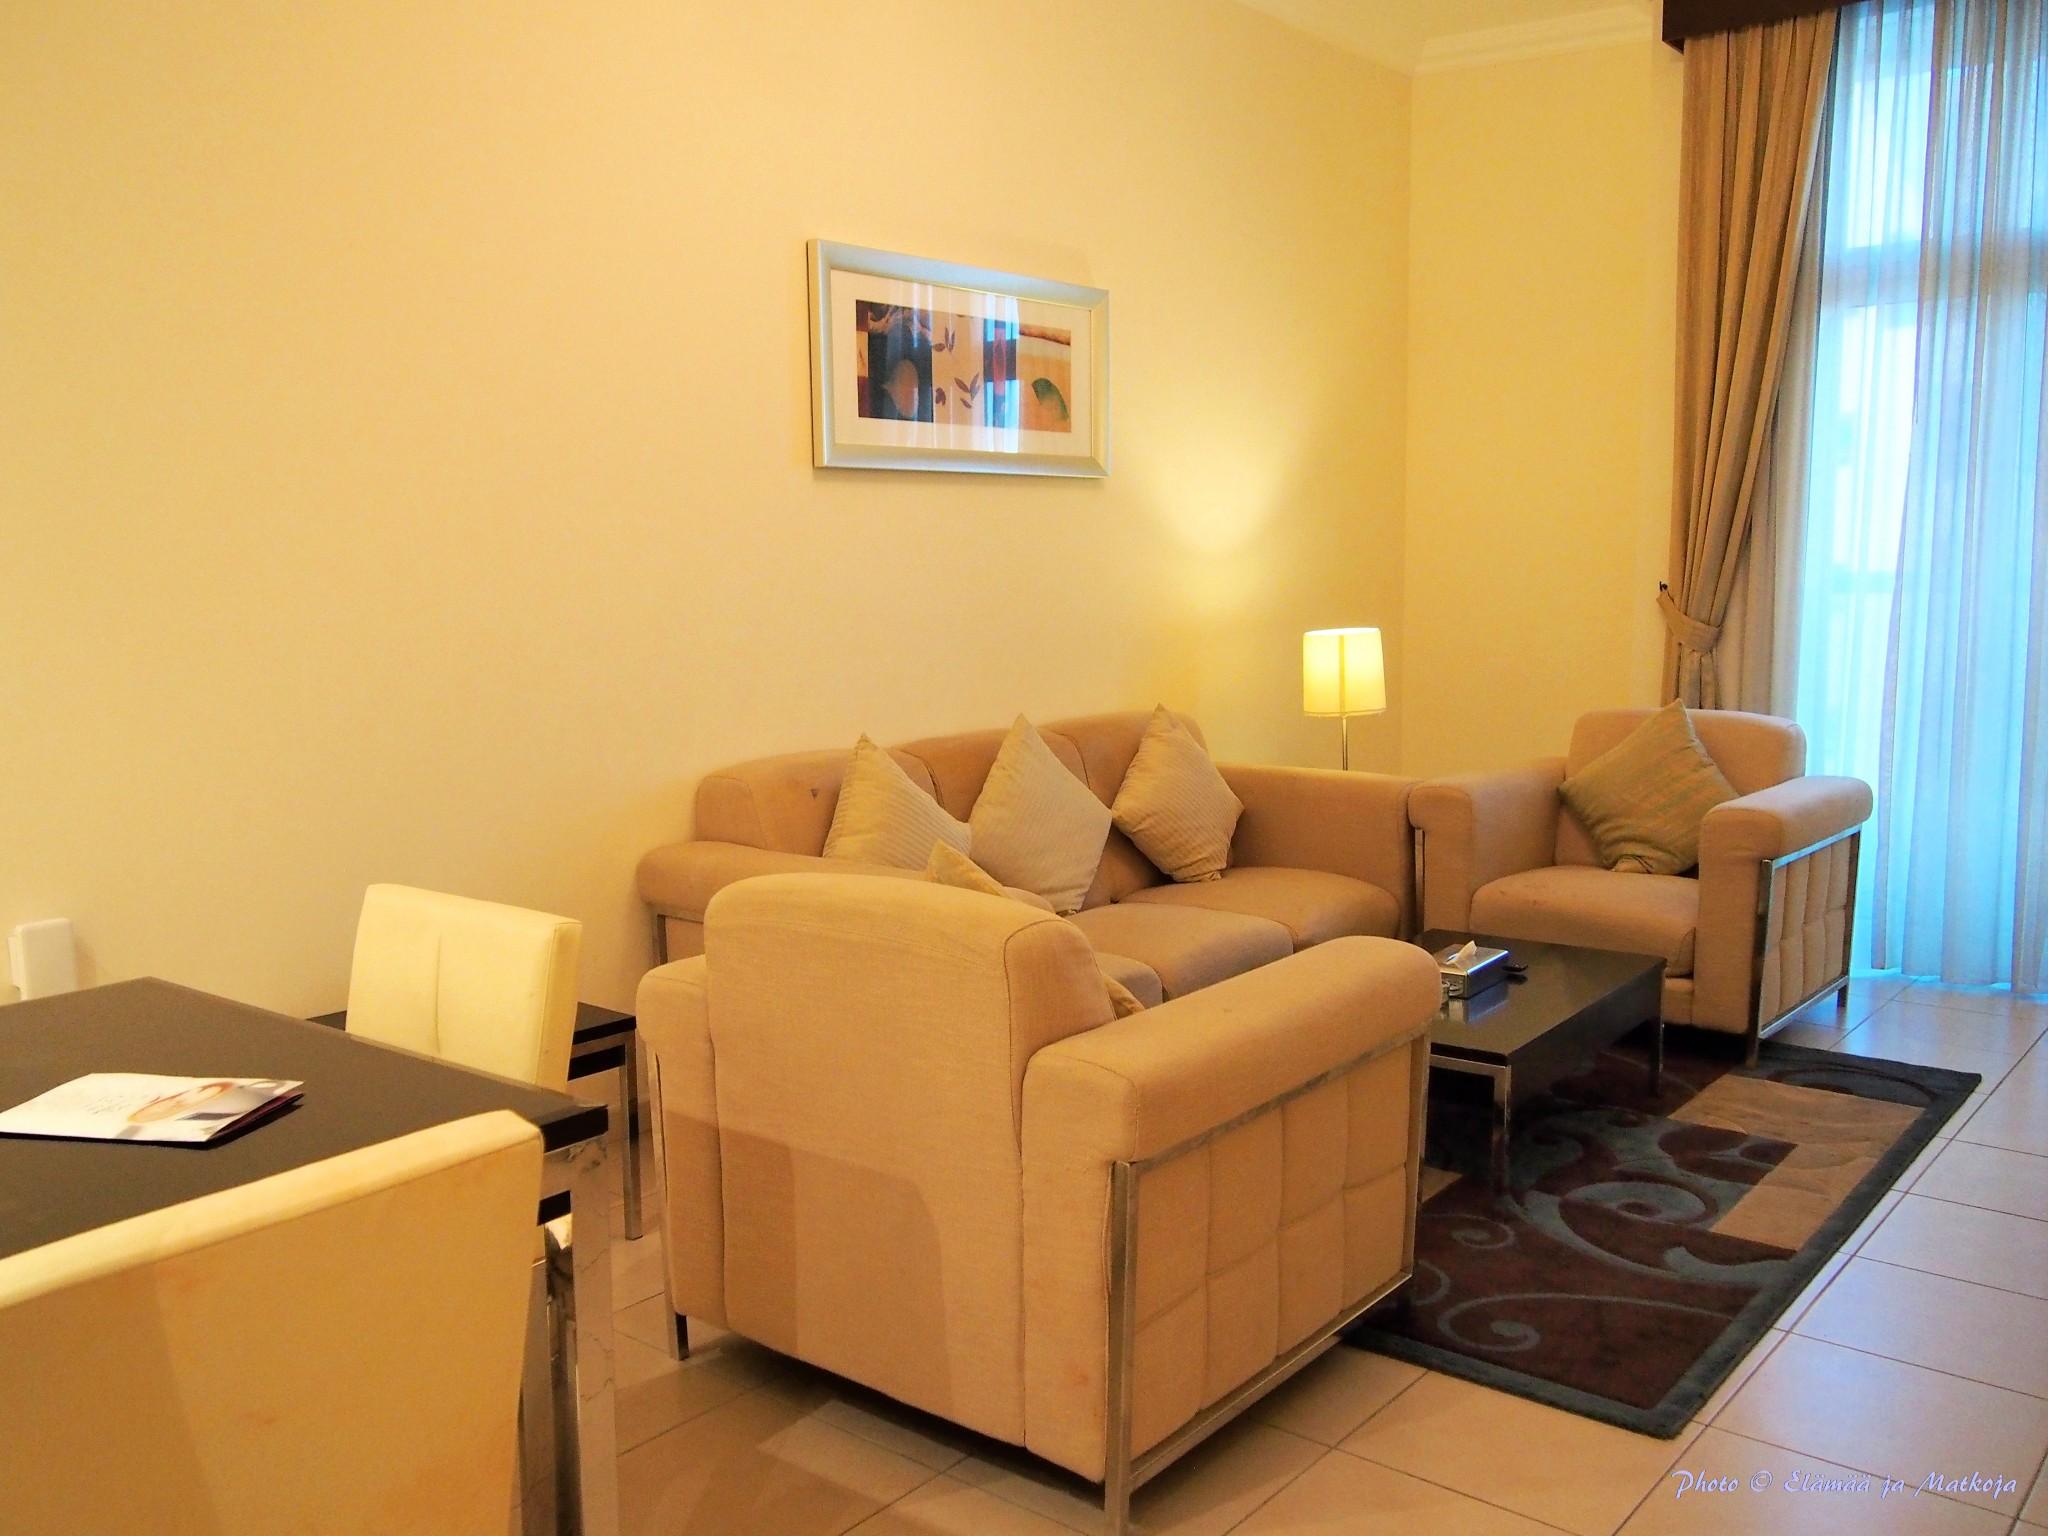 Pearl Marina Dubai Deluxe apt livingroom Photo © Elämää ja Matkoja